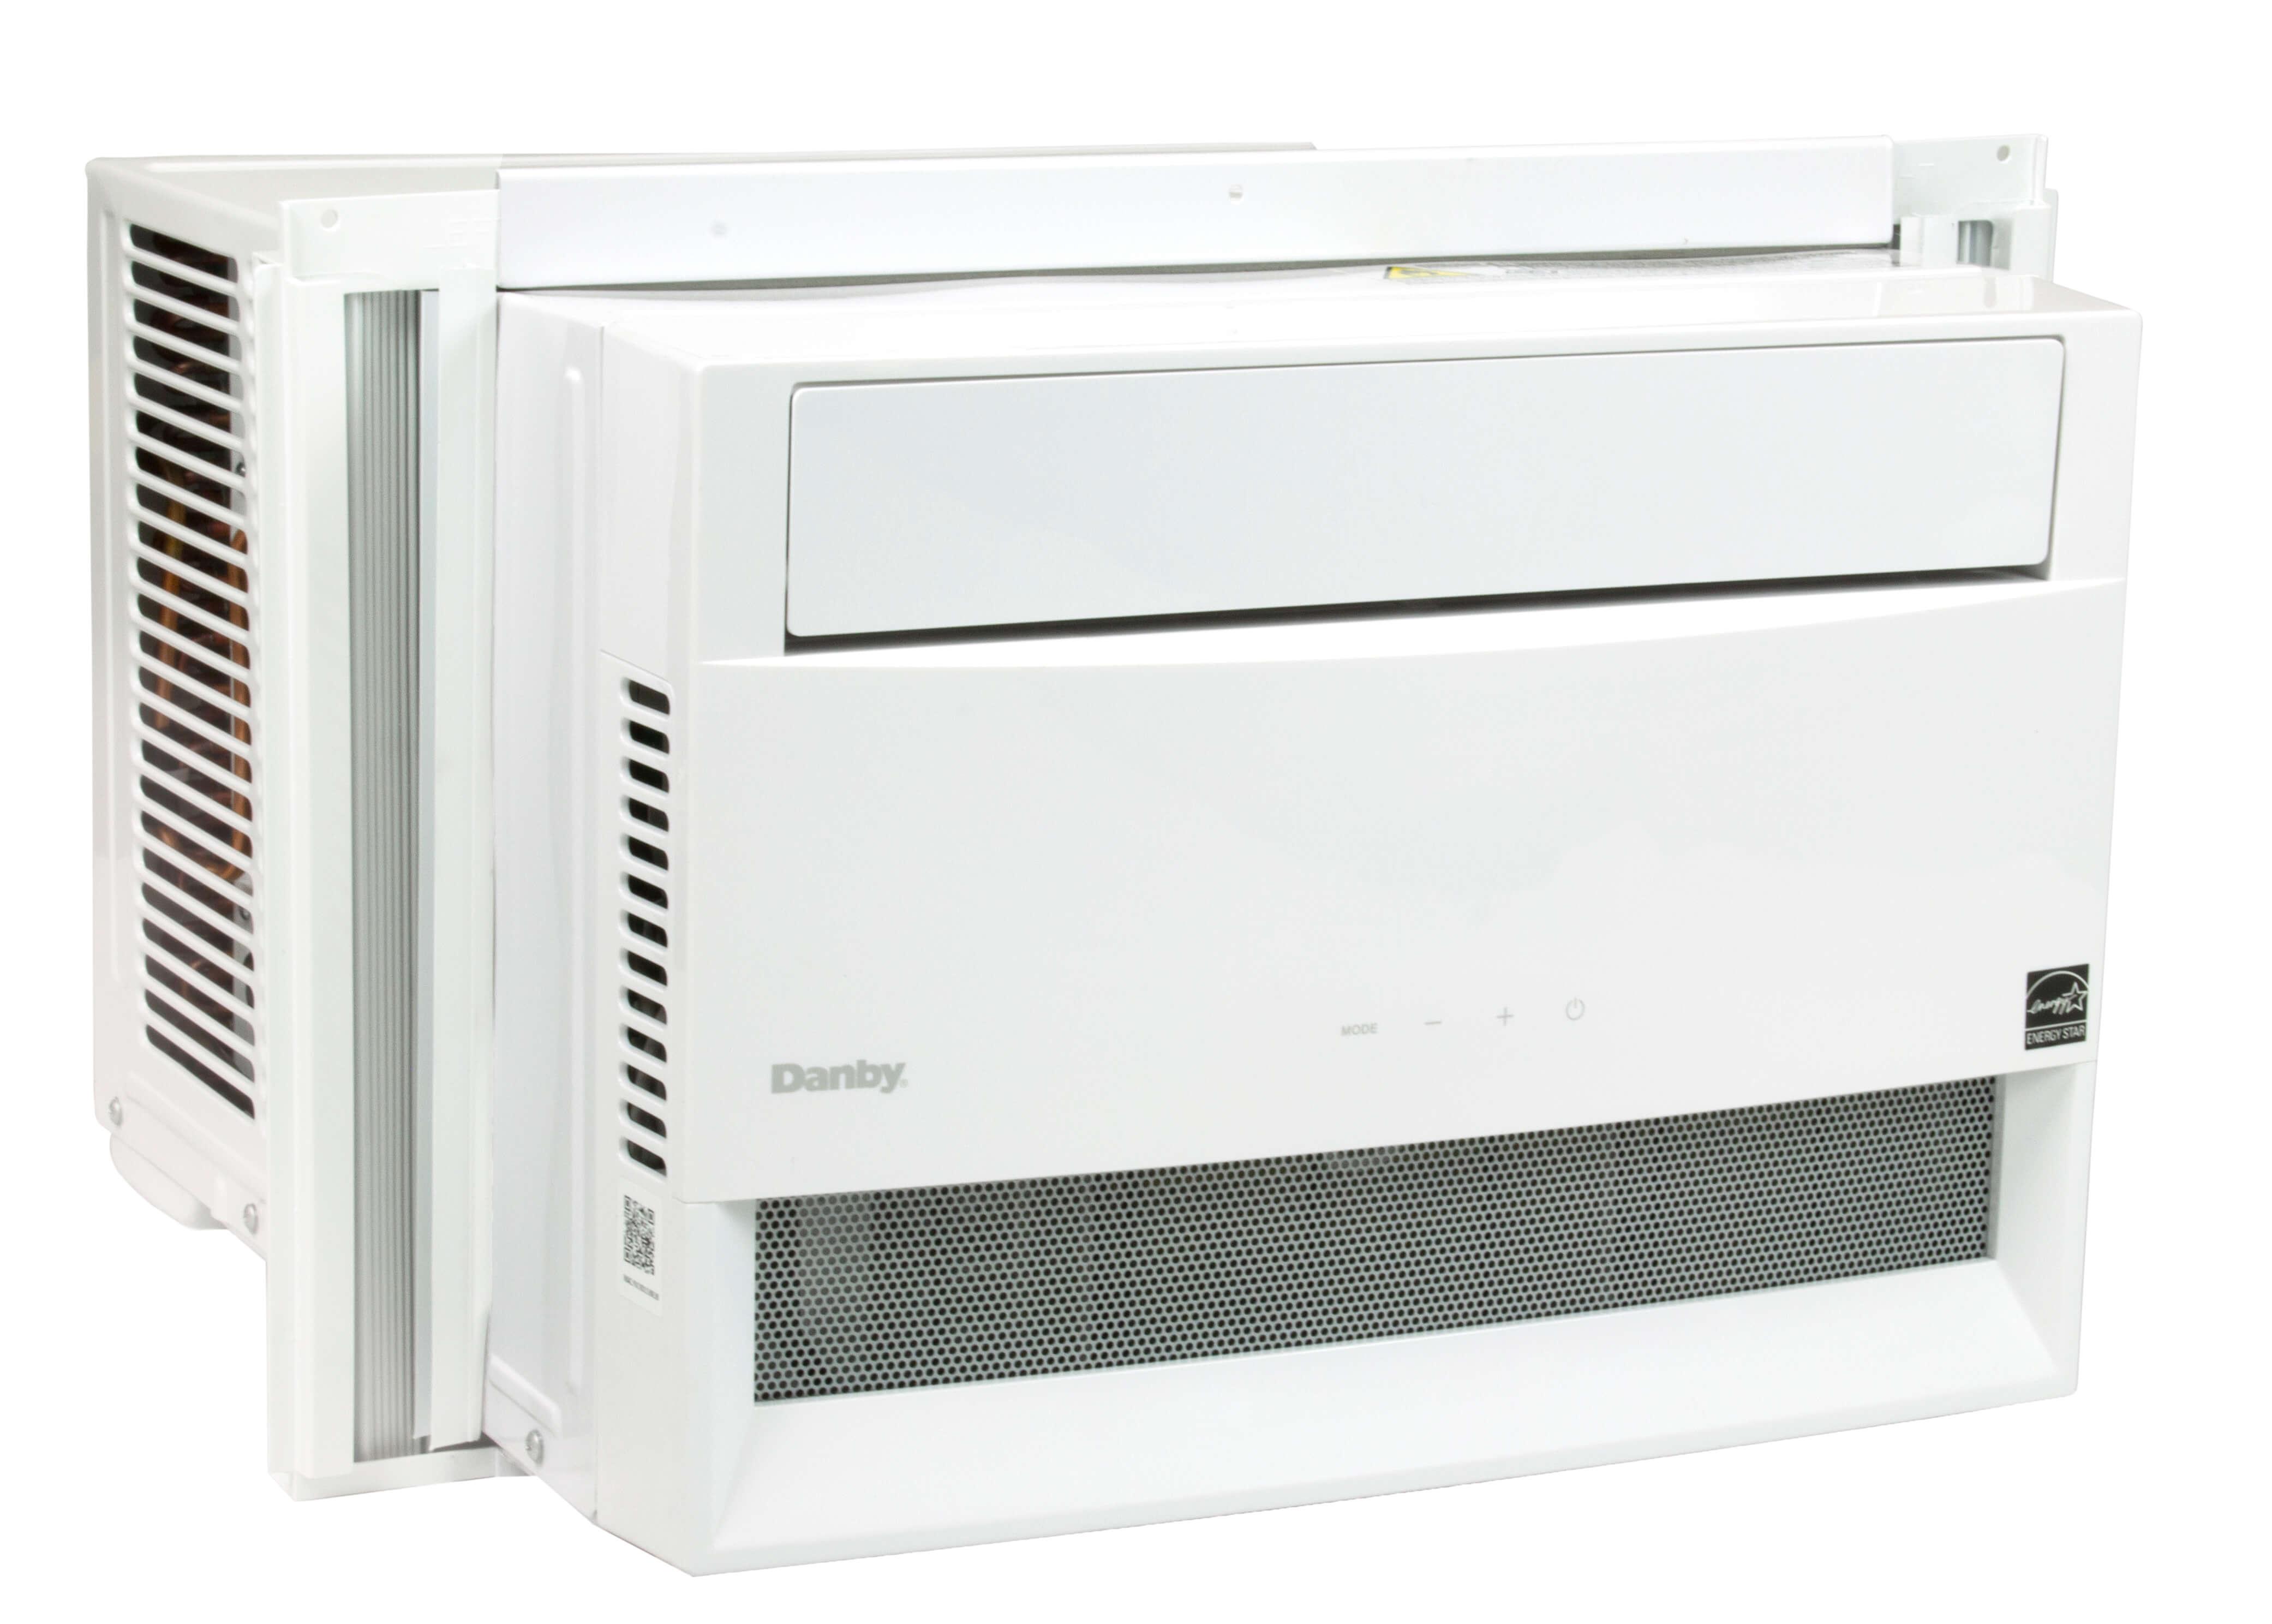 DAC100B5WDB   Danby 10000 BTU Window Air Conditioner with ...